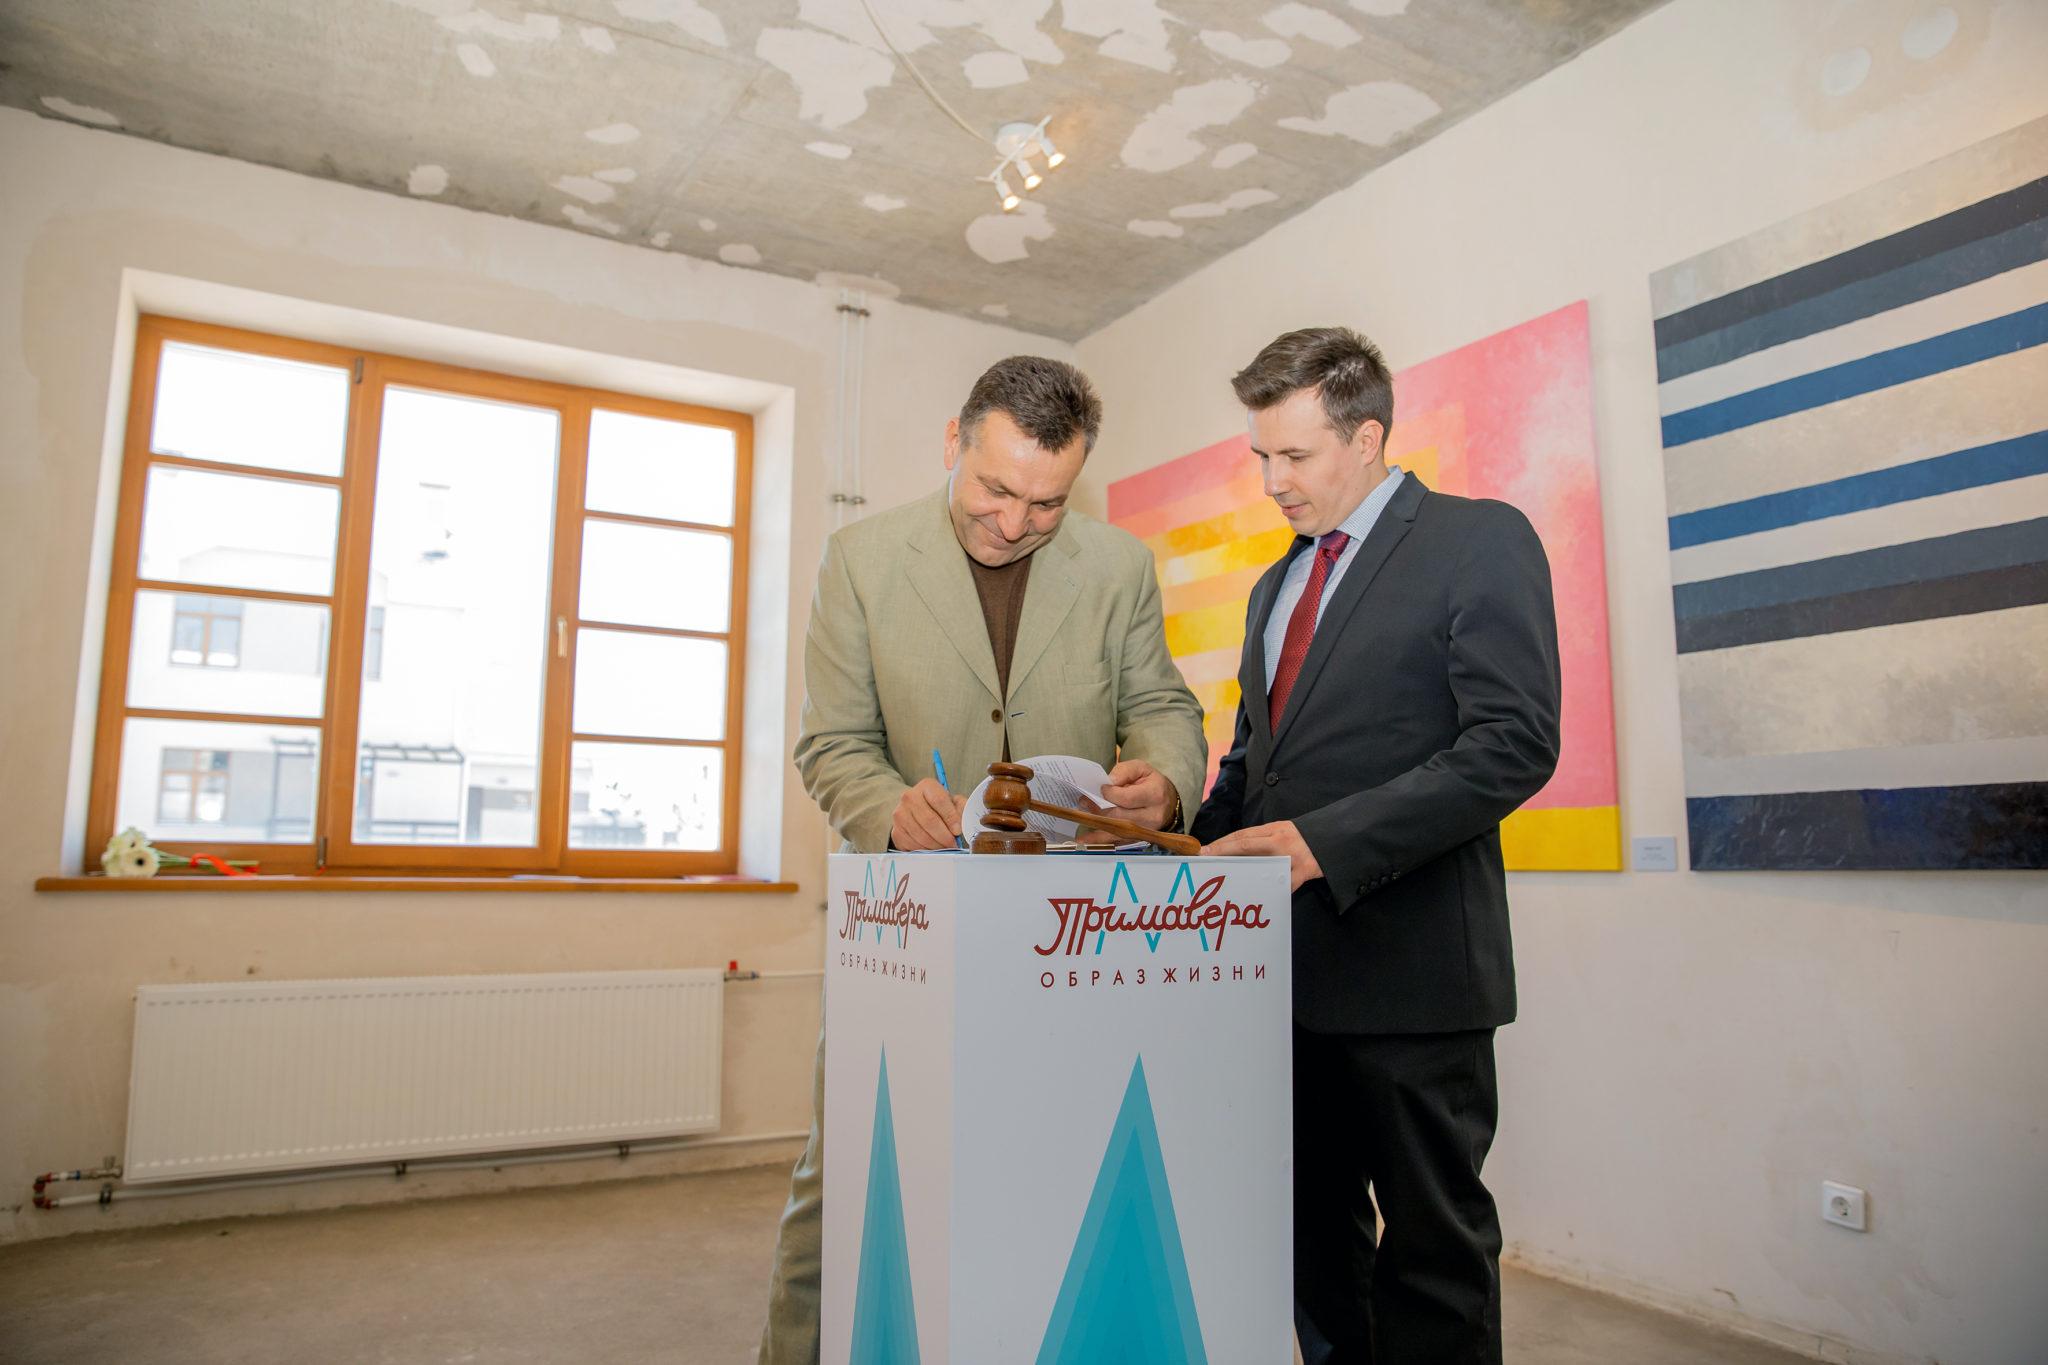 Образ жизни – «Примавера»: в престижном поселке Казани открыты продажи домов!